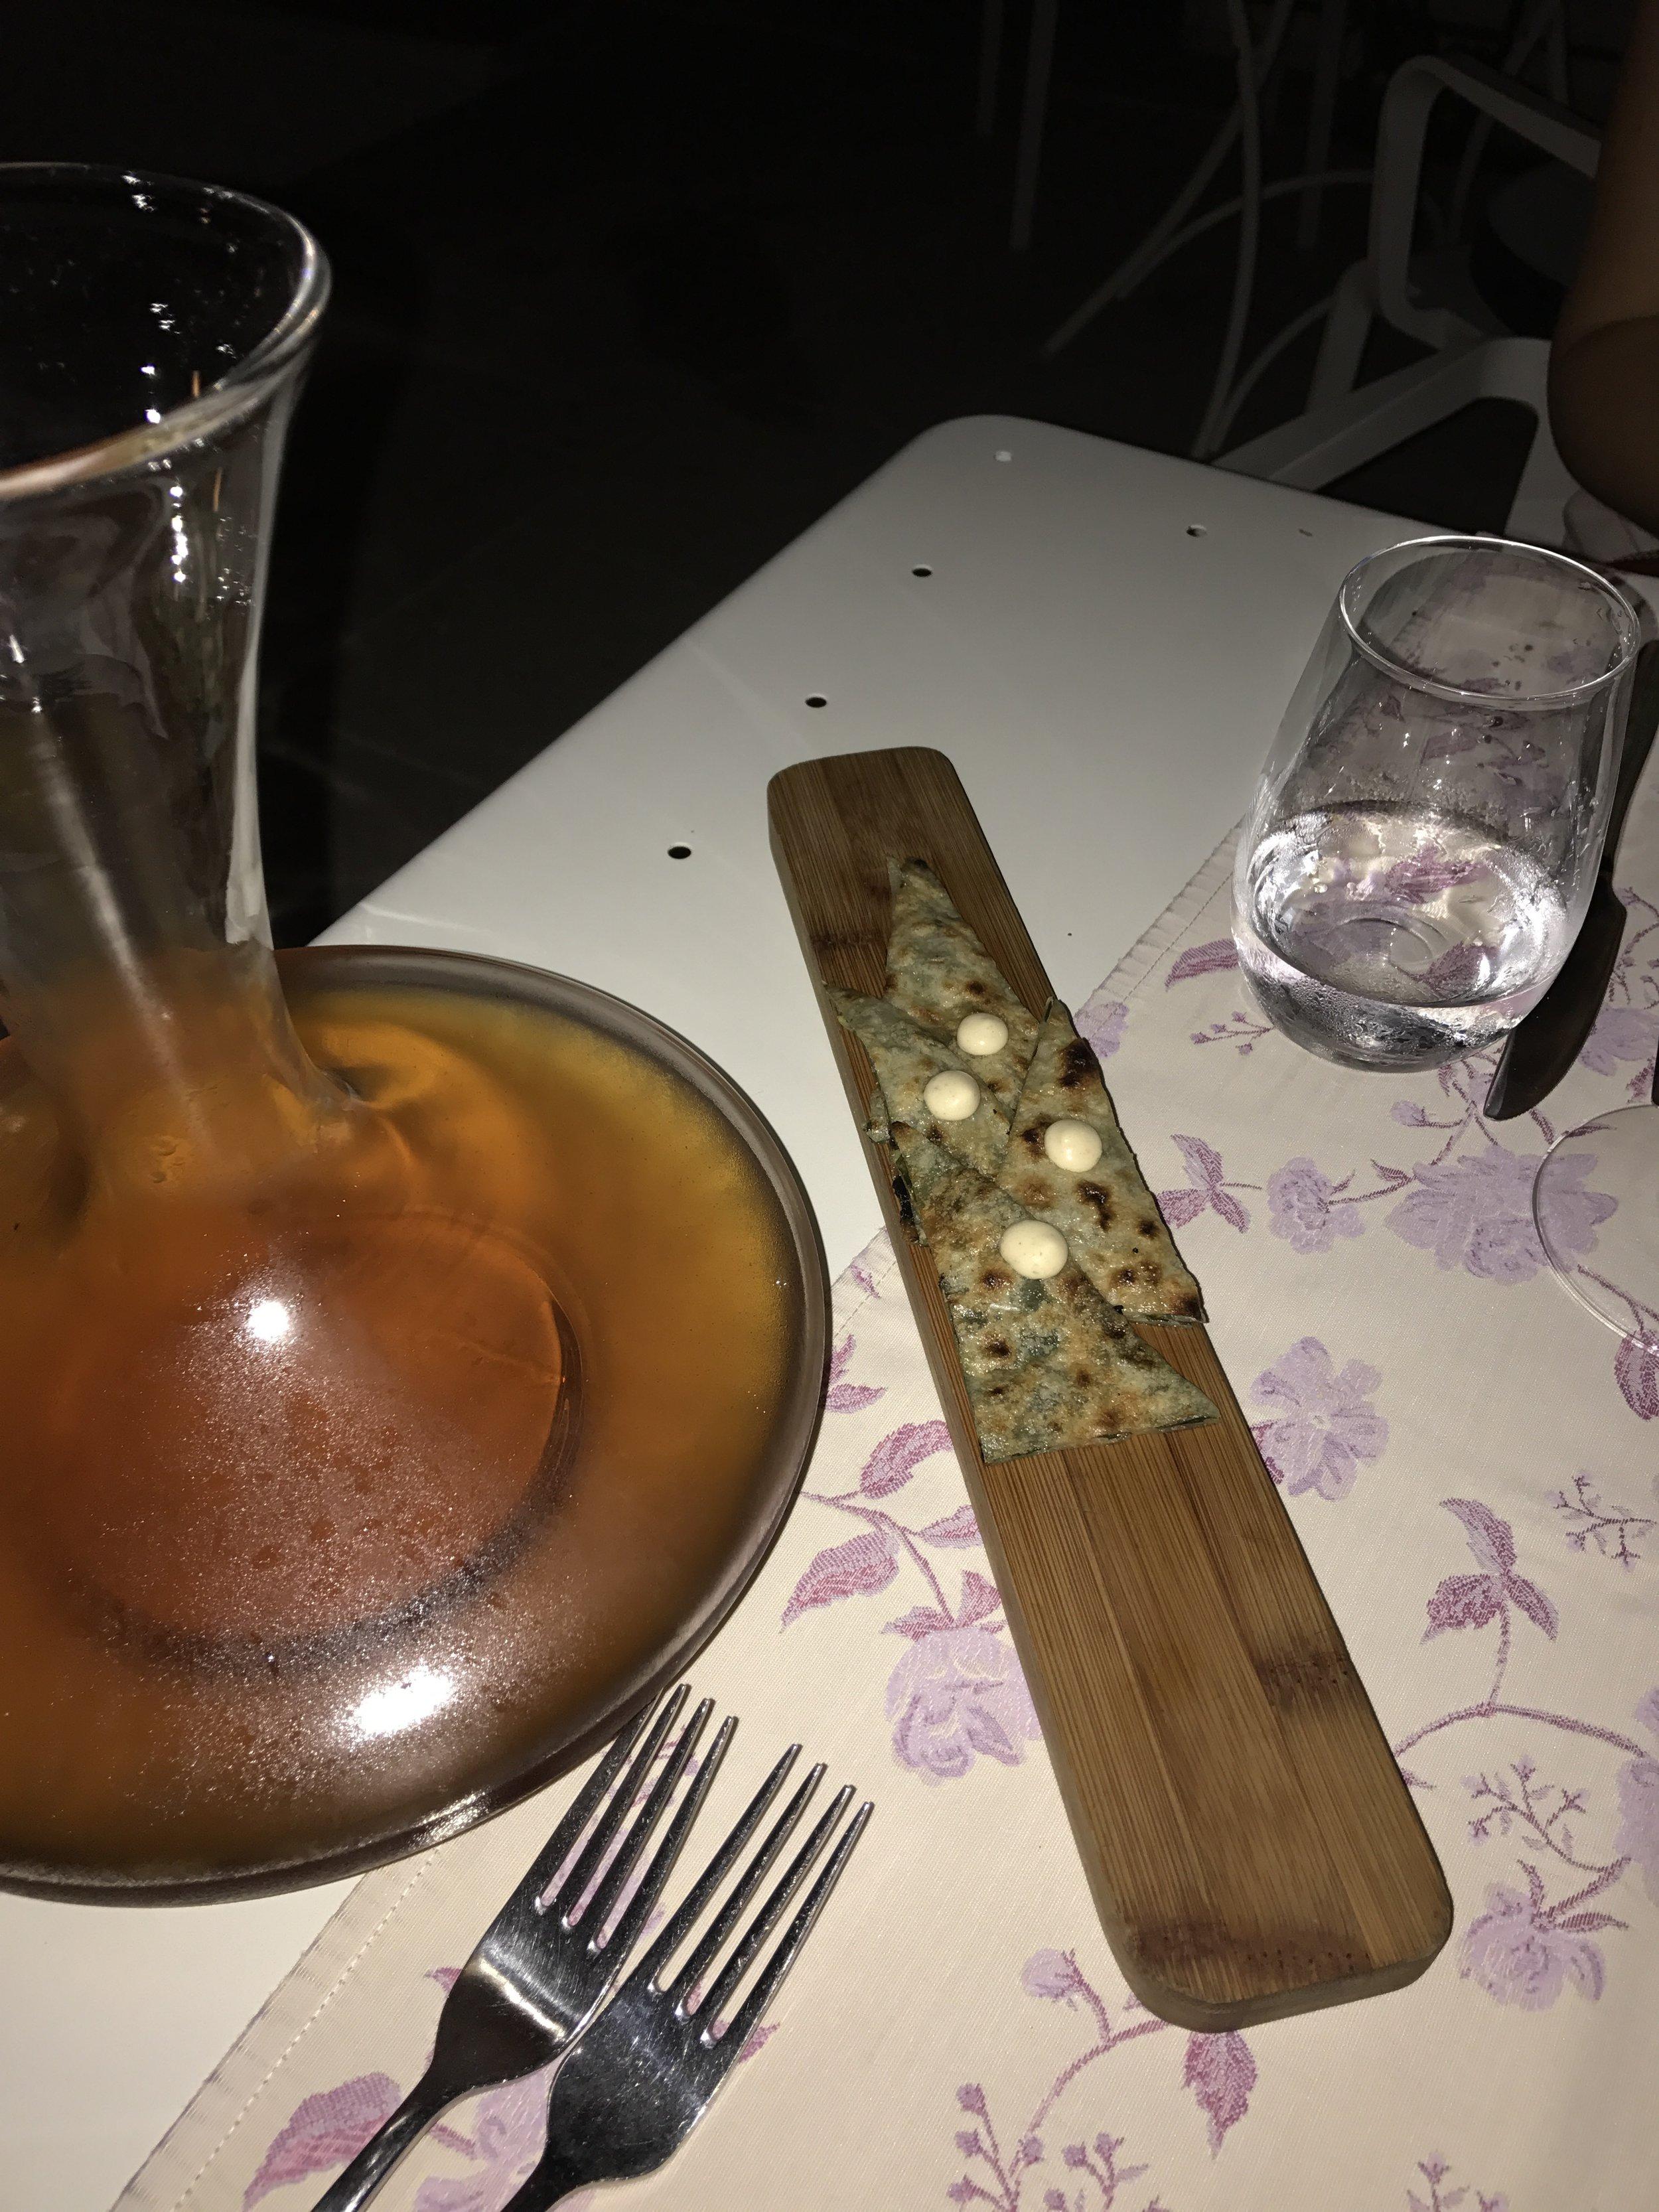 Serendipitous Dinner at Dvor